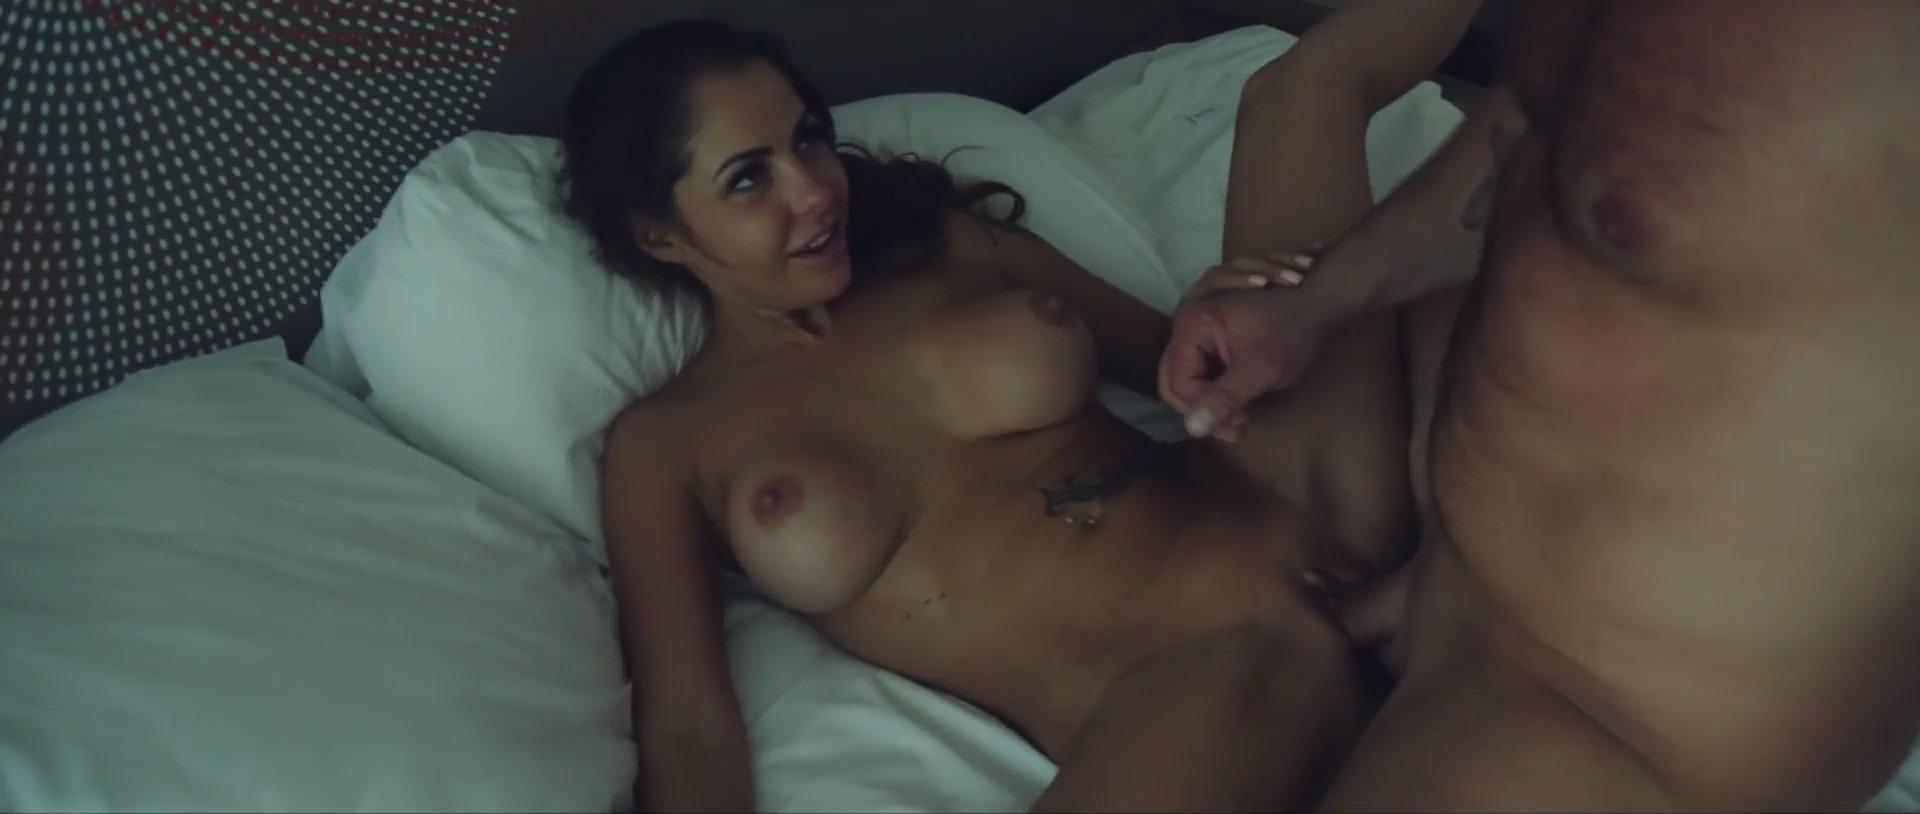 Порно В Трусиках И Красивом Белье